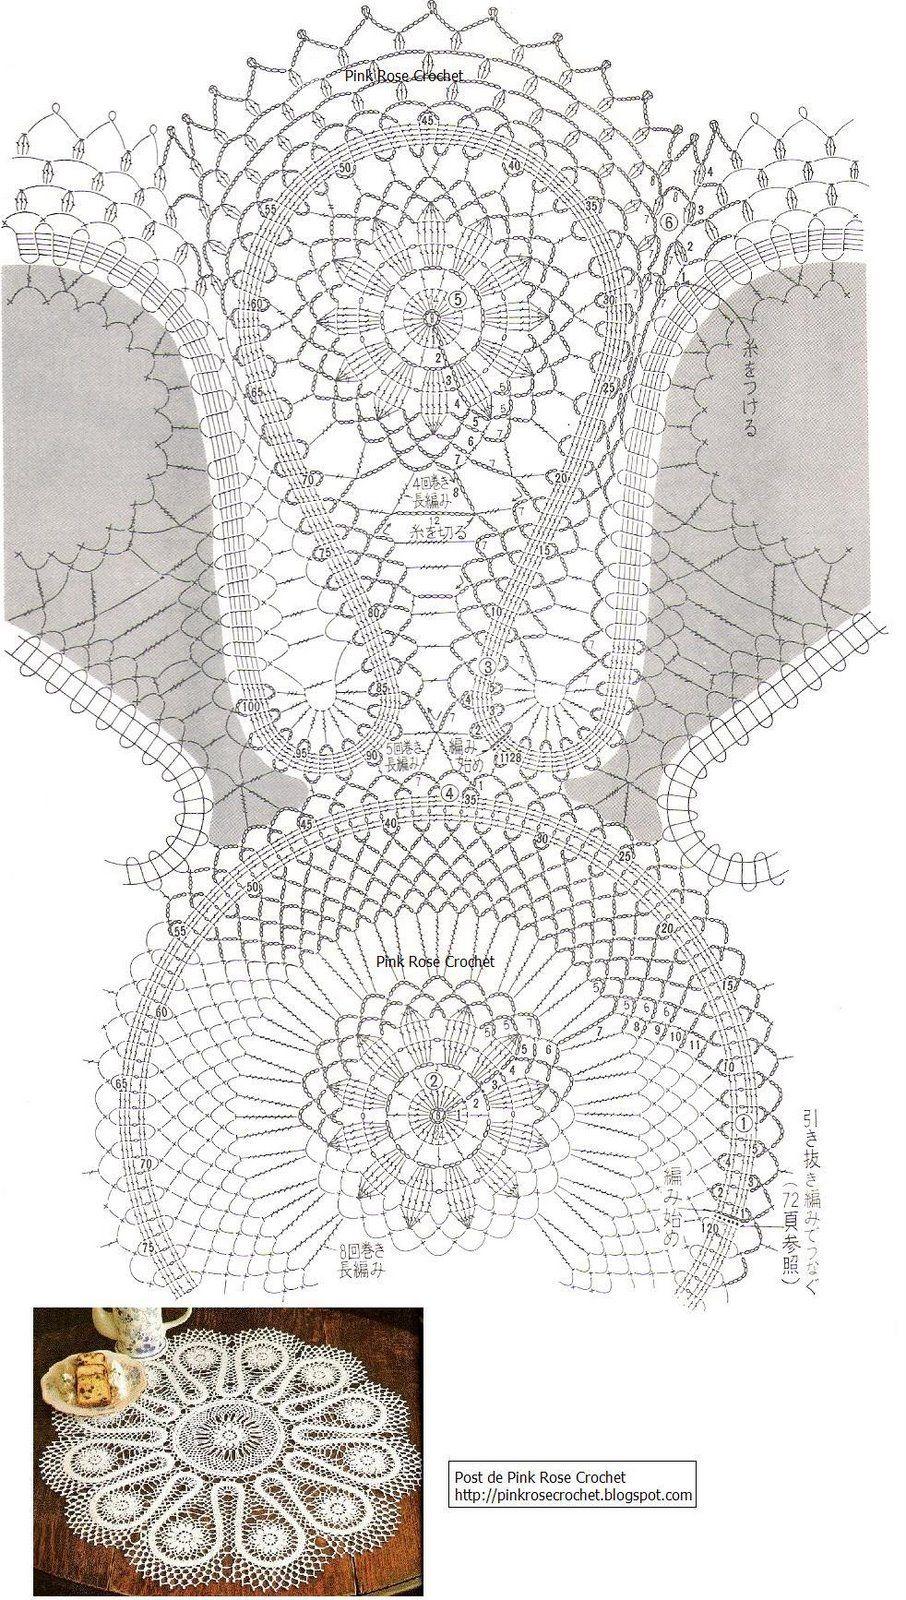 Toalha de Crochê . Gráfico - Crochet Table Topper   Crochet receitas ...